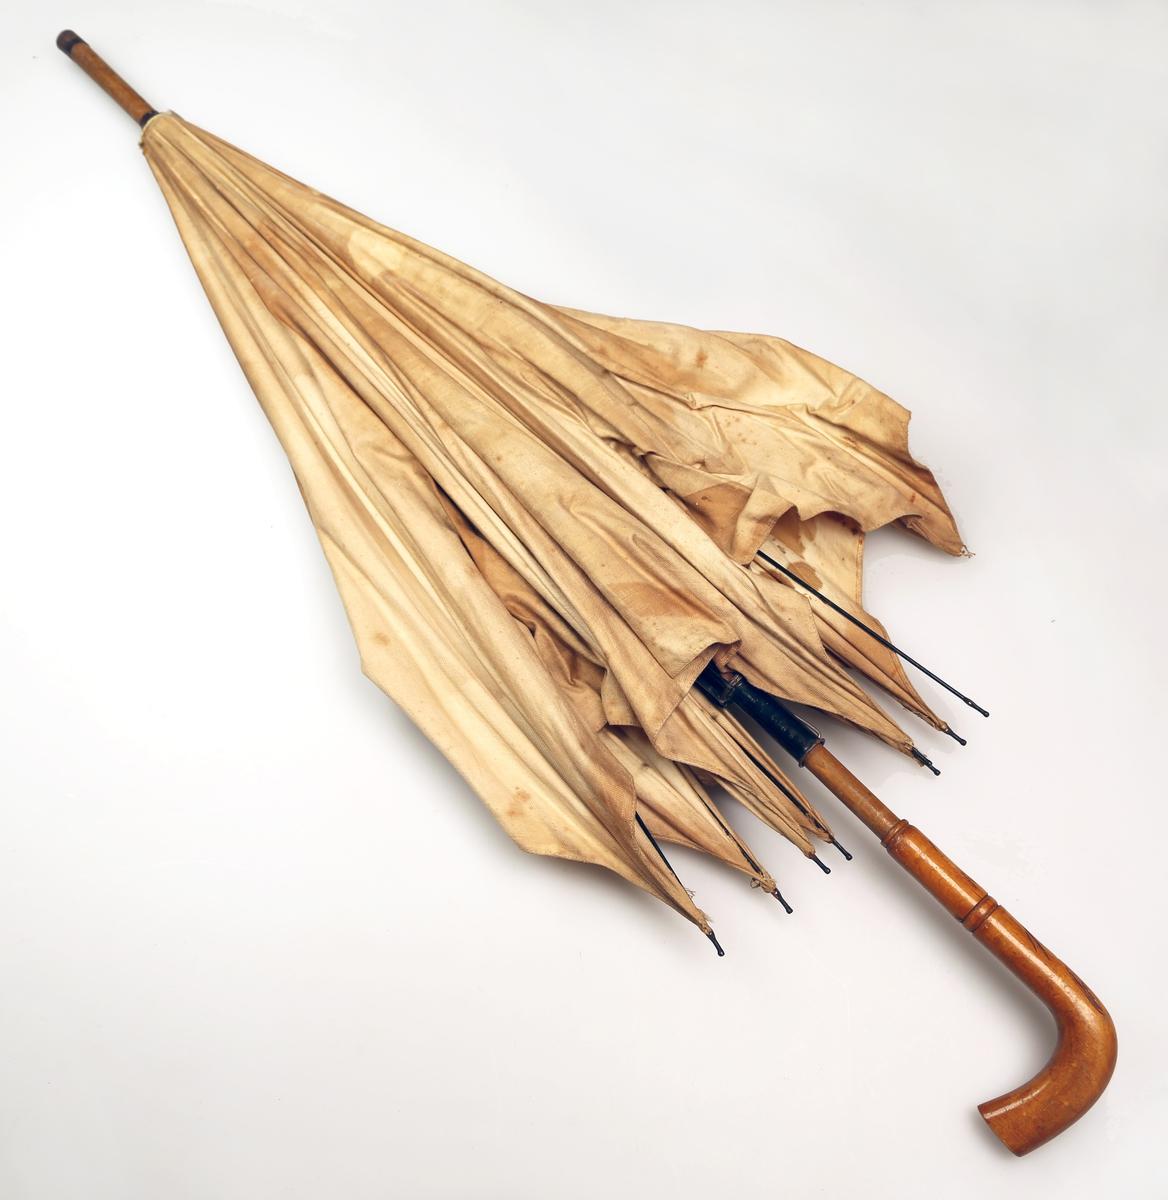 Praply med håndtak og stang av tre, som er lakkert, og spiler av metall, samt trekk av kypertvevd stoff (trolig bomull). I enden er det et metallbeslag. Håndtaket har enkel skåret strekdekor